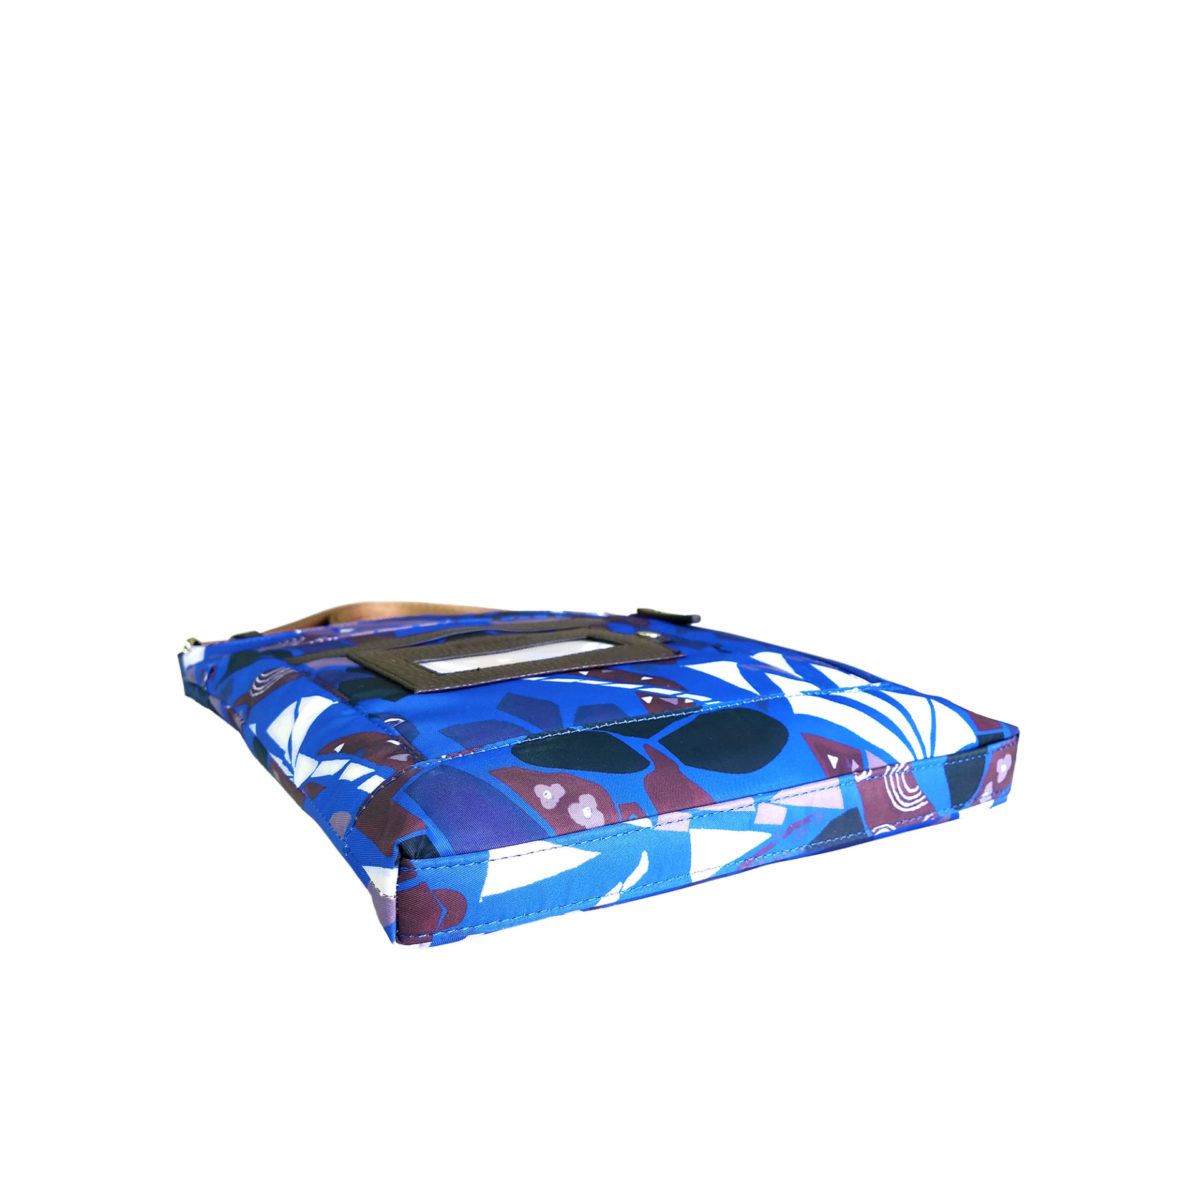 Maiko Puzzle Etna Pochette blue